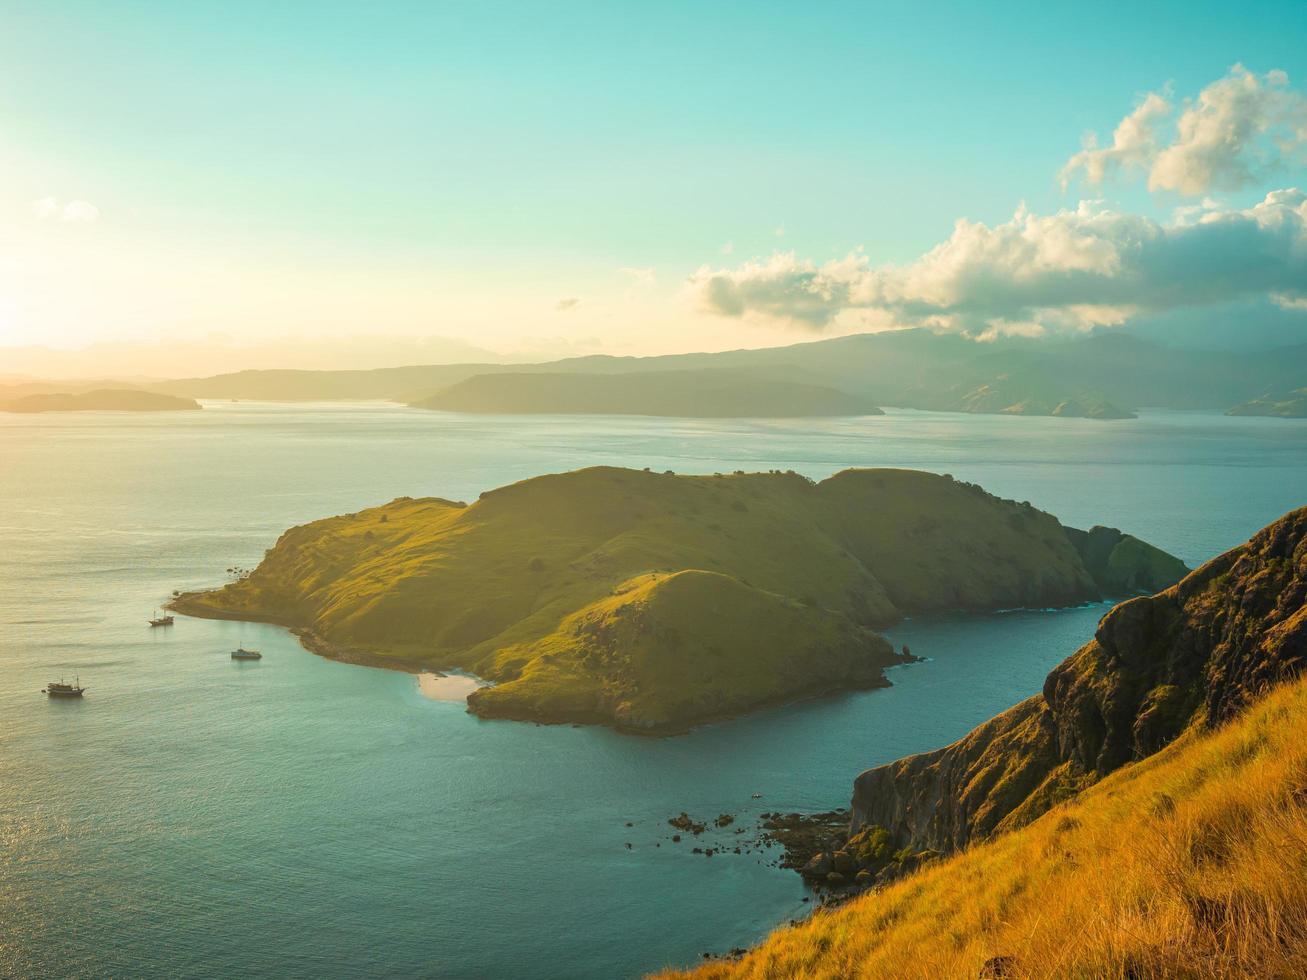 vista de uma ilha ao pôr do sol foto